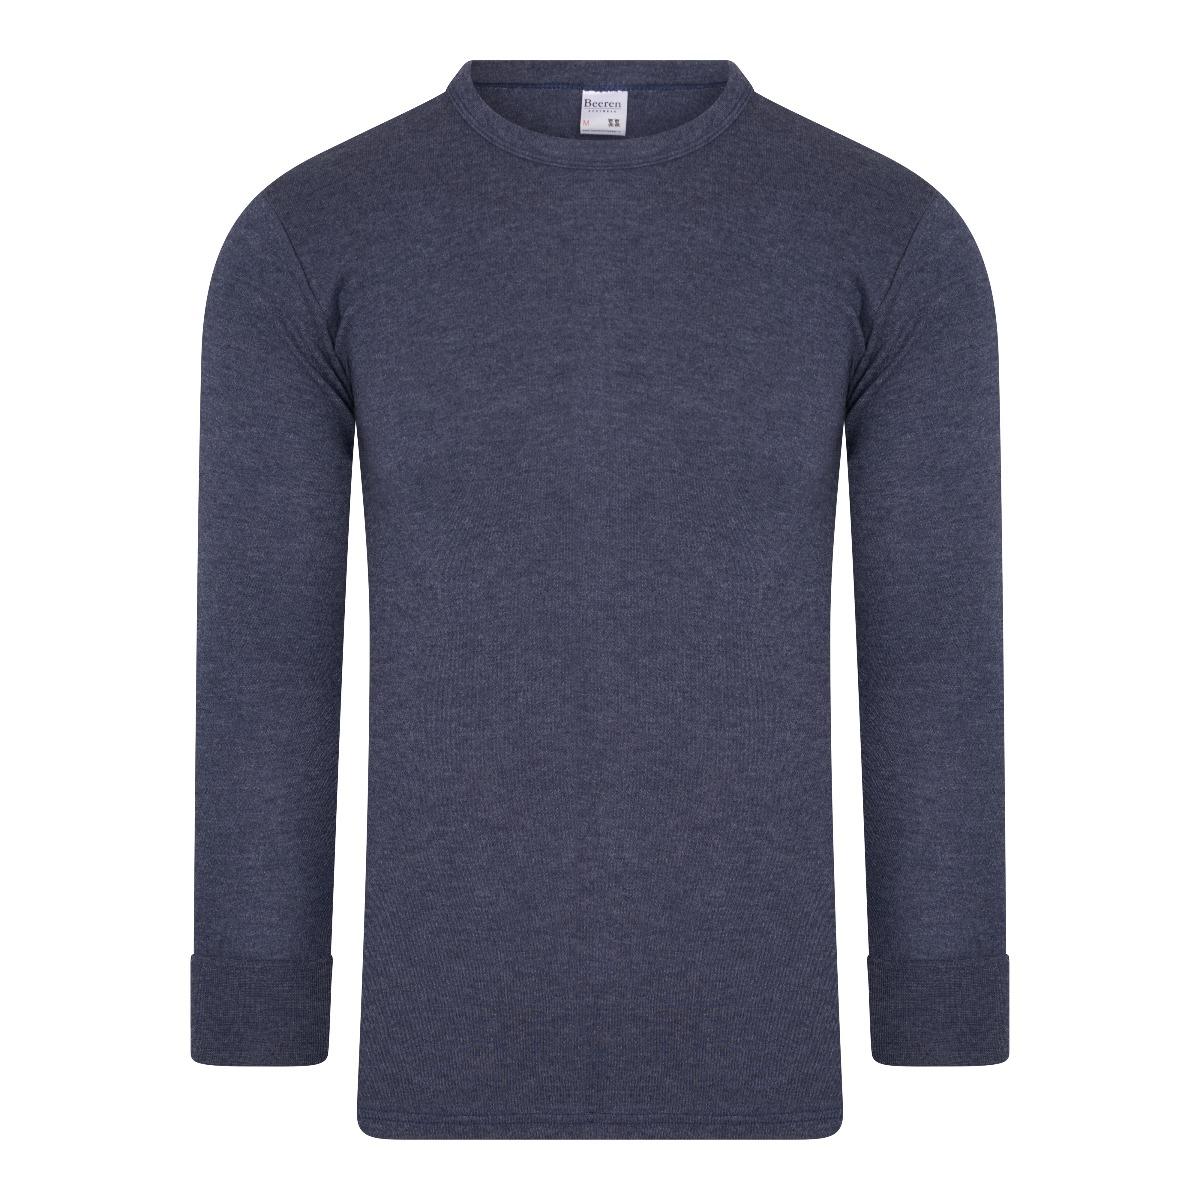 Beeren Thermo Heren Shirt Lange Mouw Marine XL